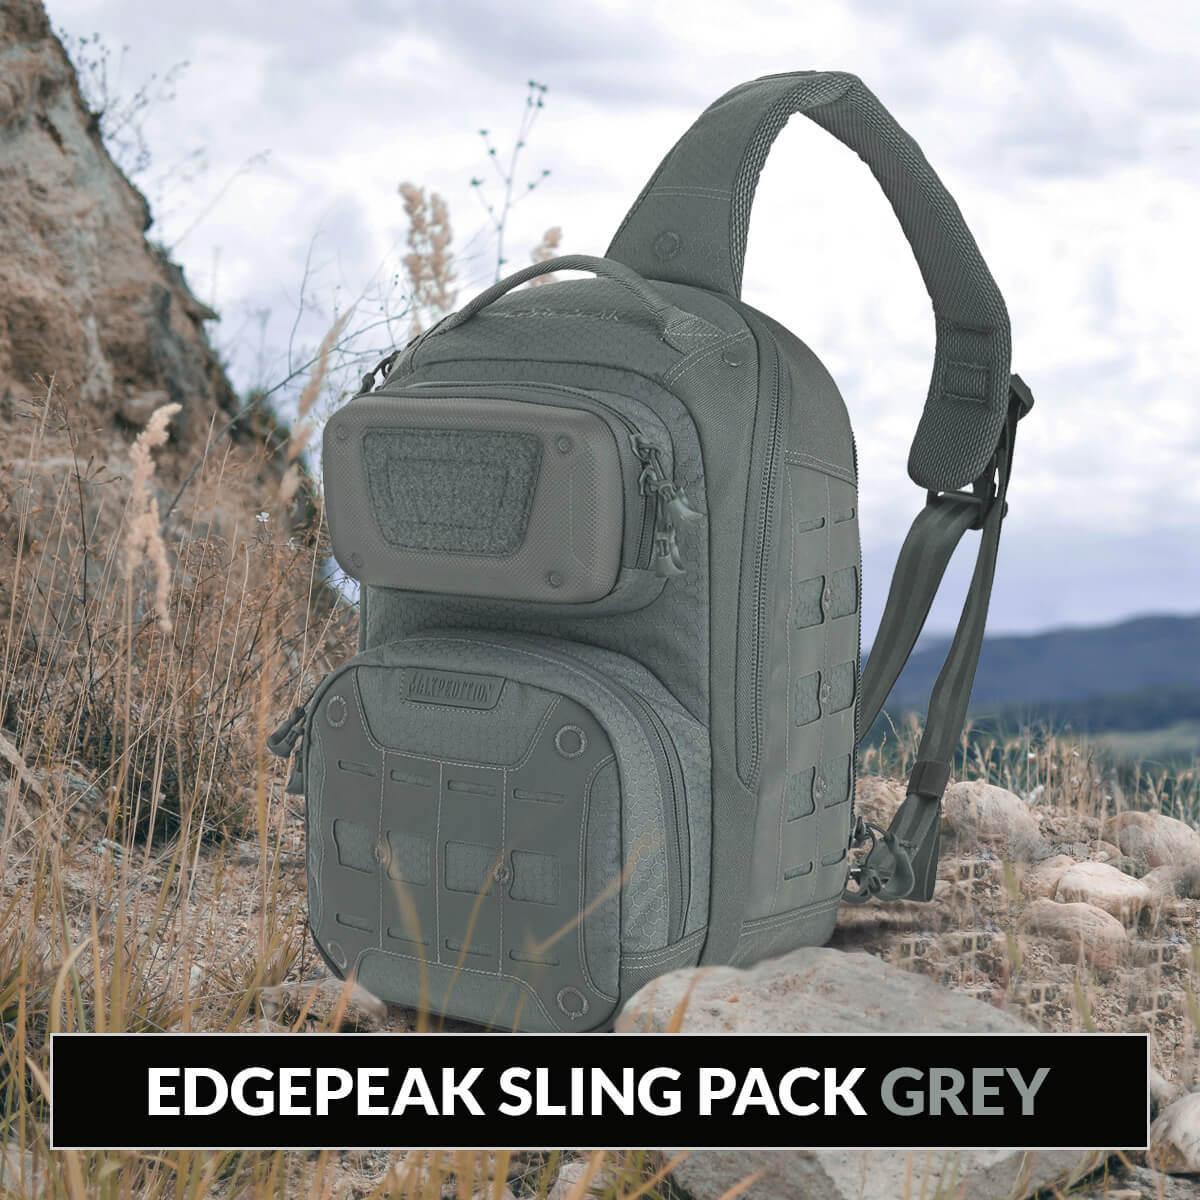 Edgepeak Sling Pack Grey